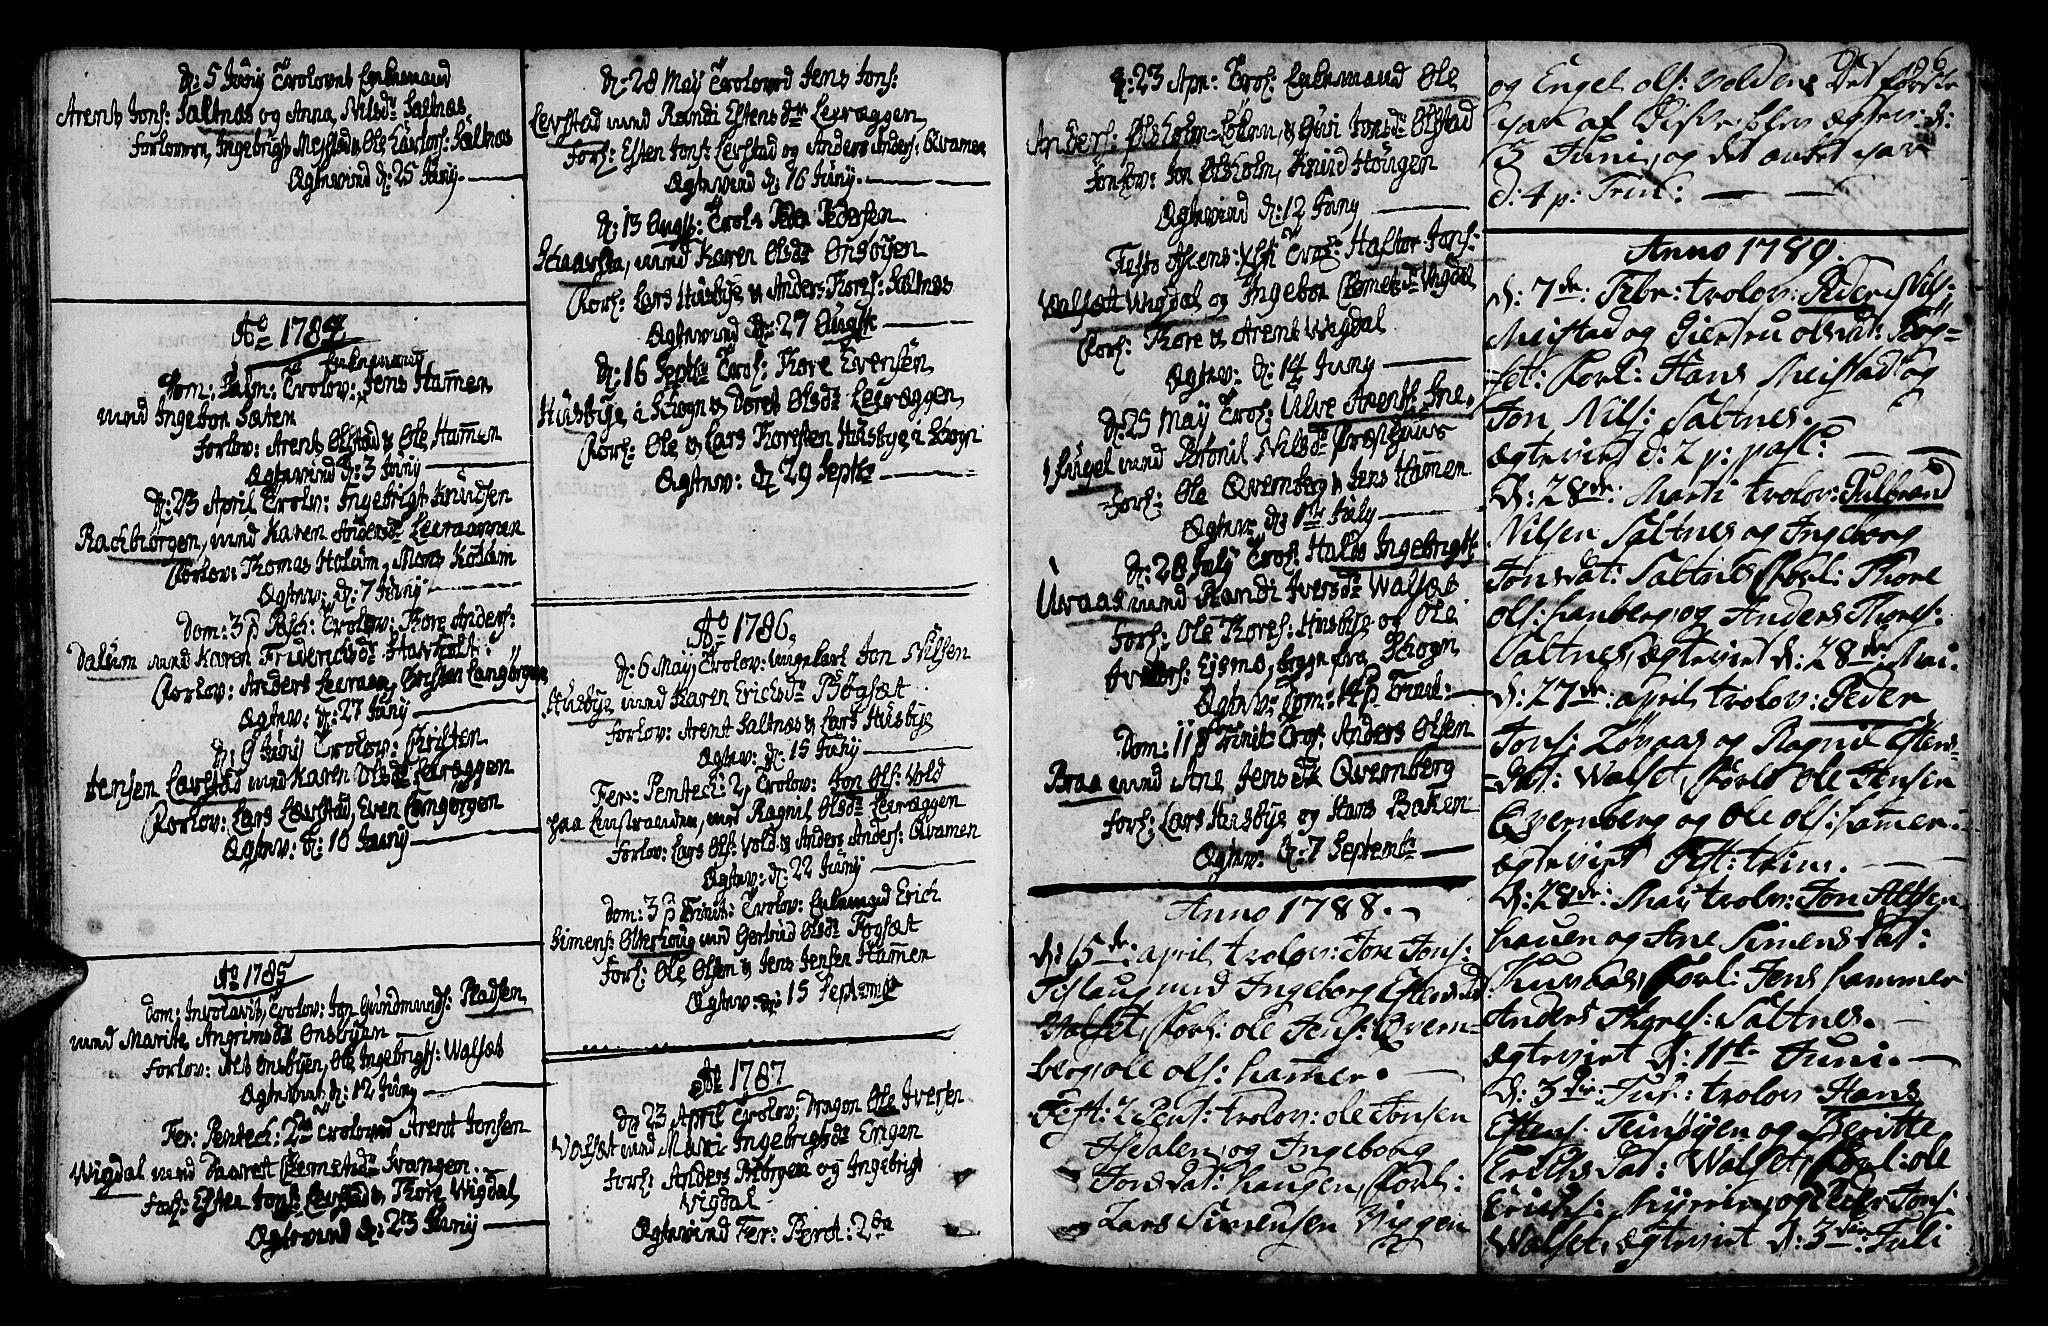 SAT, Ministerialprotokoller, klokkerbøker og fødselsregistre - Sør-Trøndelag, 666/L0784: Ministerialbok nr. 666A02, 1754-1802, s. 96